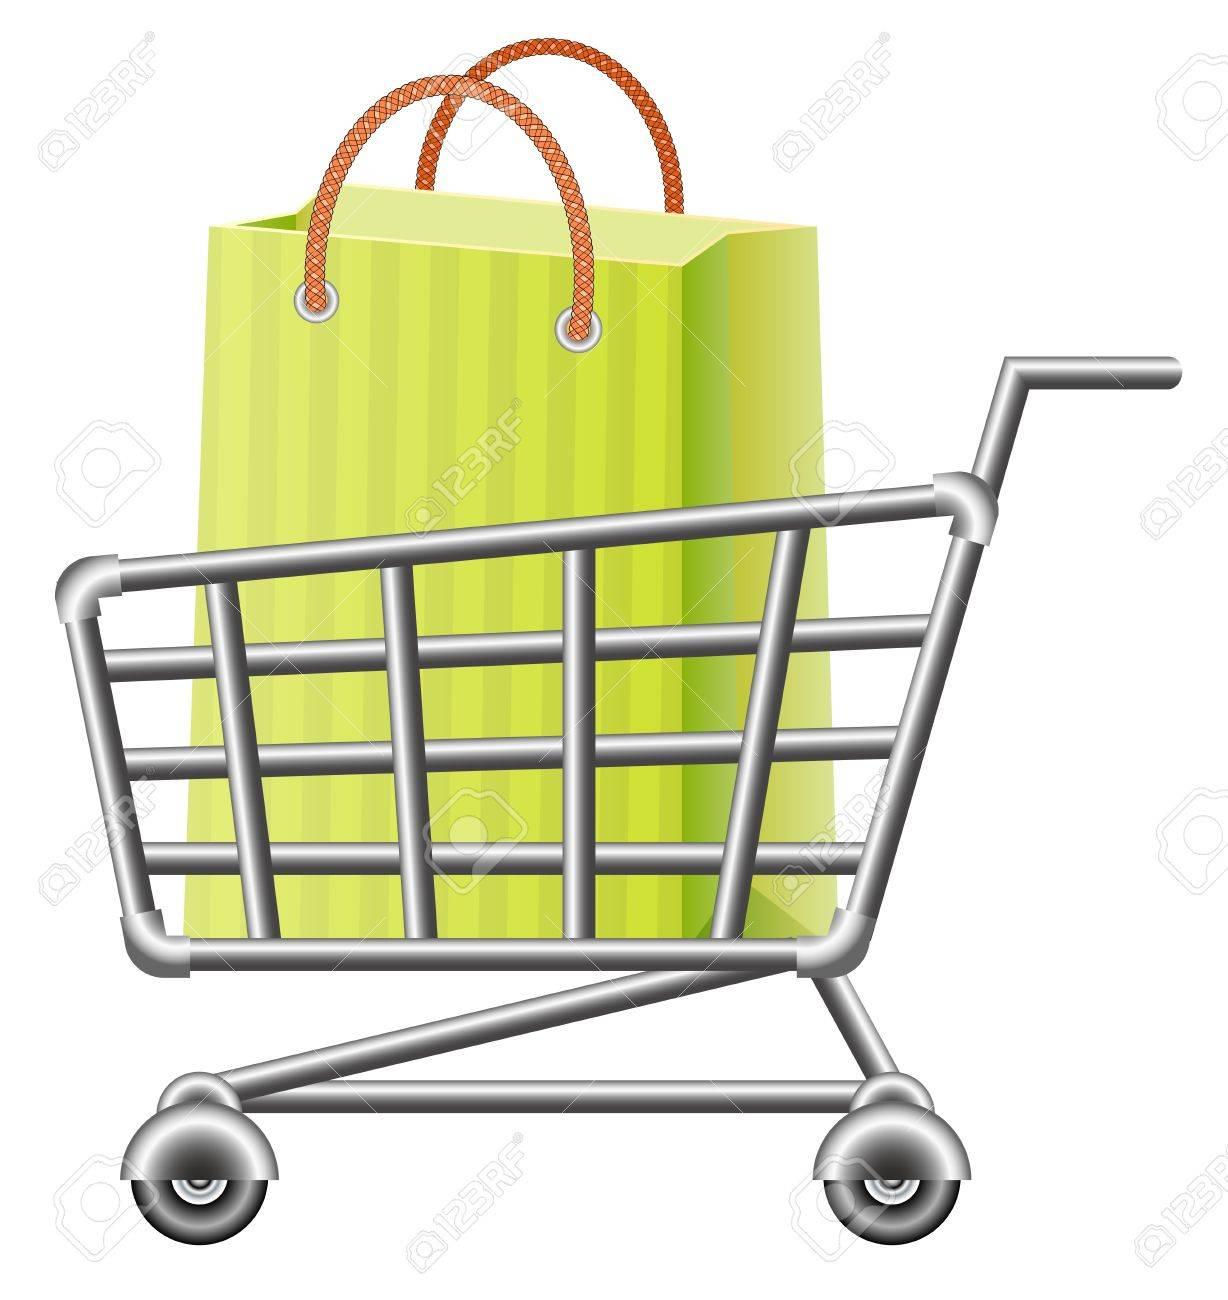 Shopping Cart And Shopping Bag Royalty Free Cliparts, Vectors, And ...